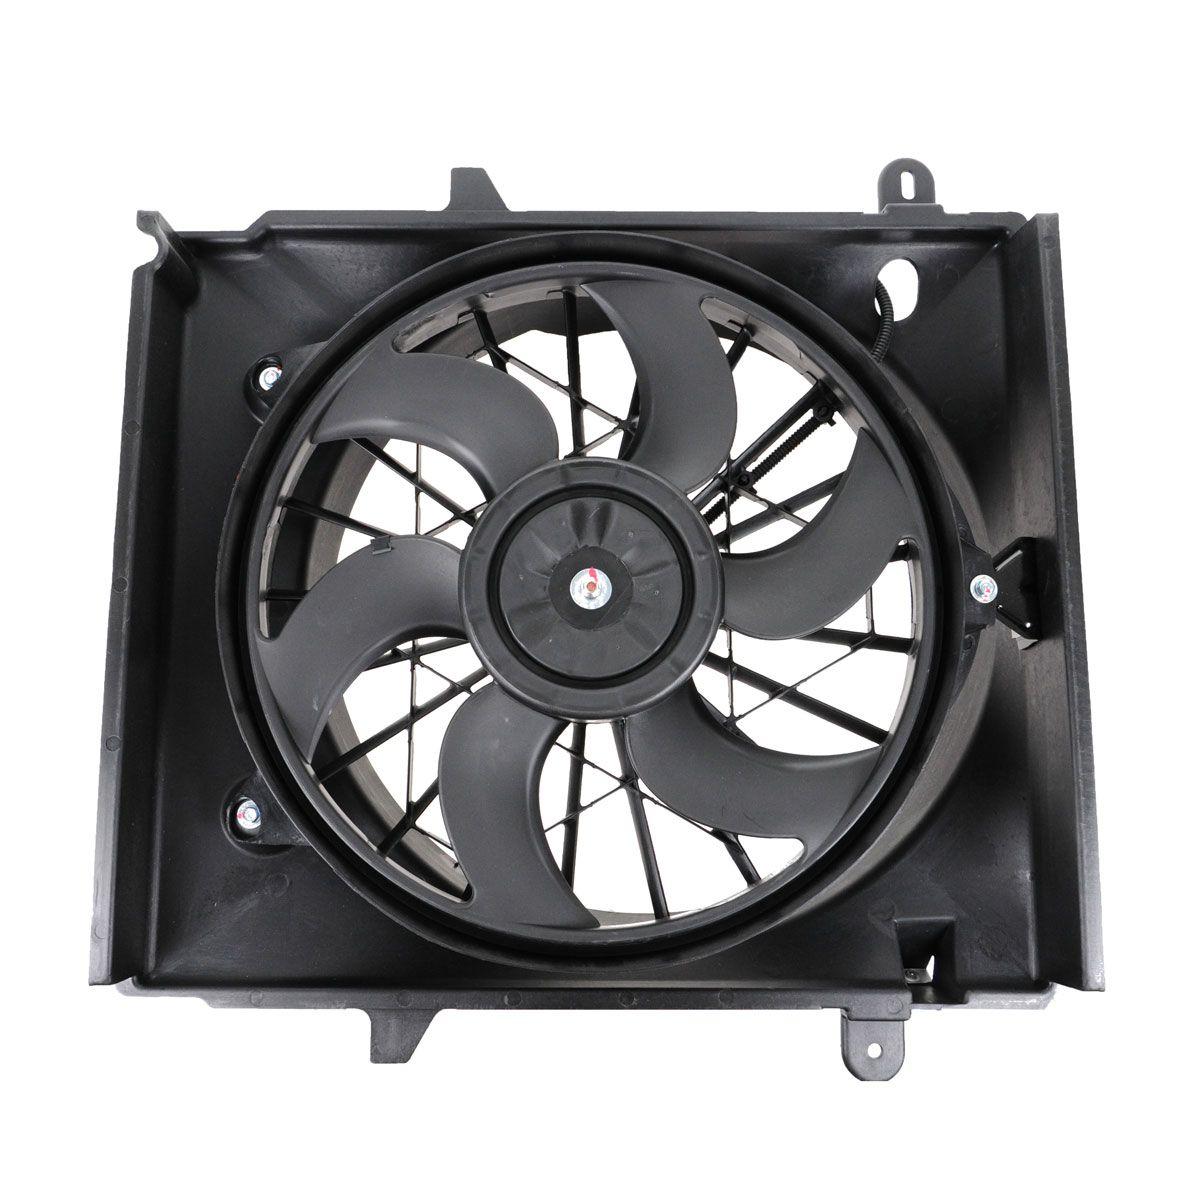 Radiator Cooling Fan Motor Blade Shroud For 01 09 Ranger Mazda Pickup 2 3l 192659712905 Ebay